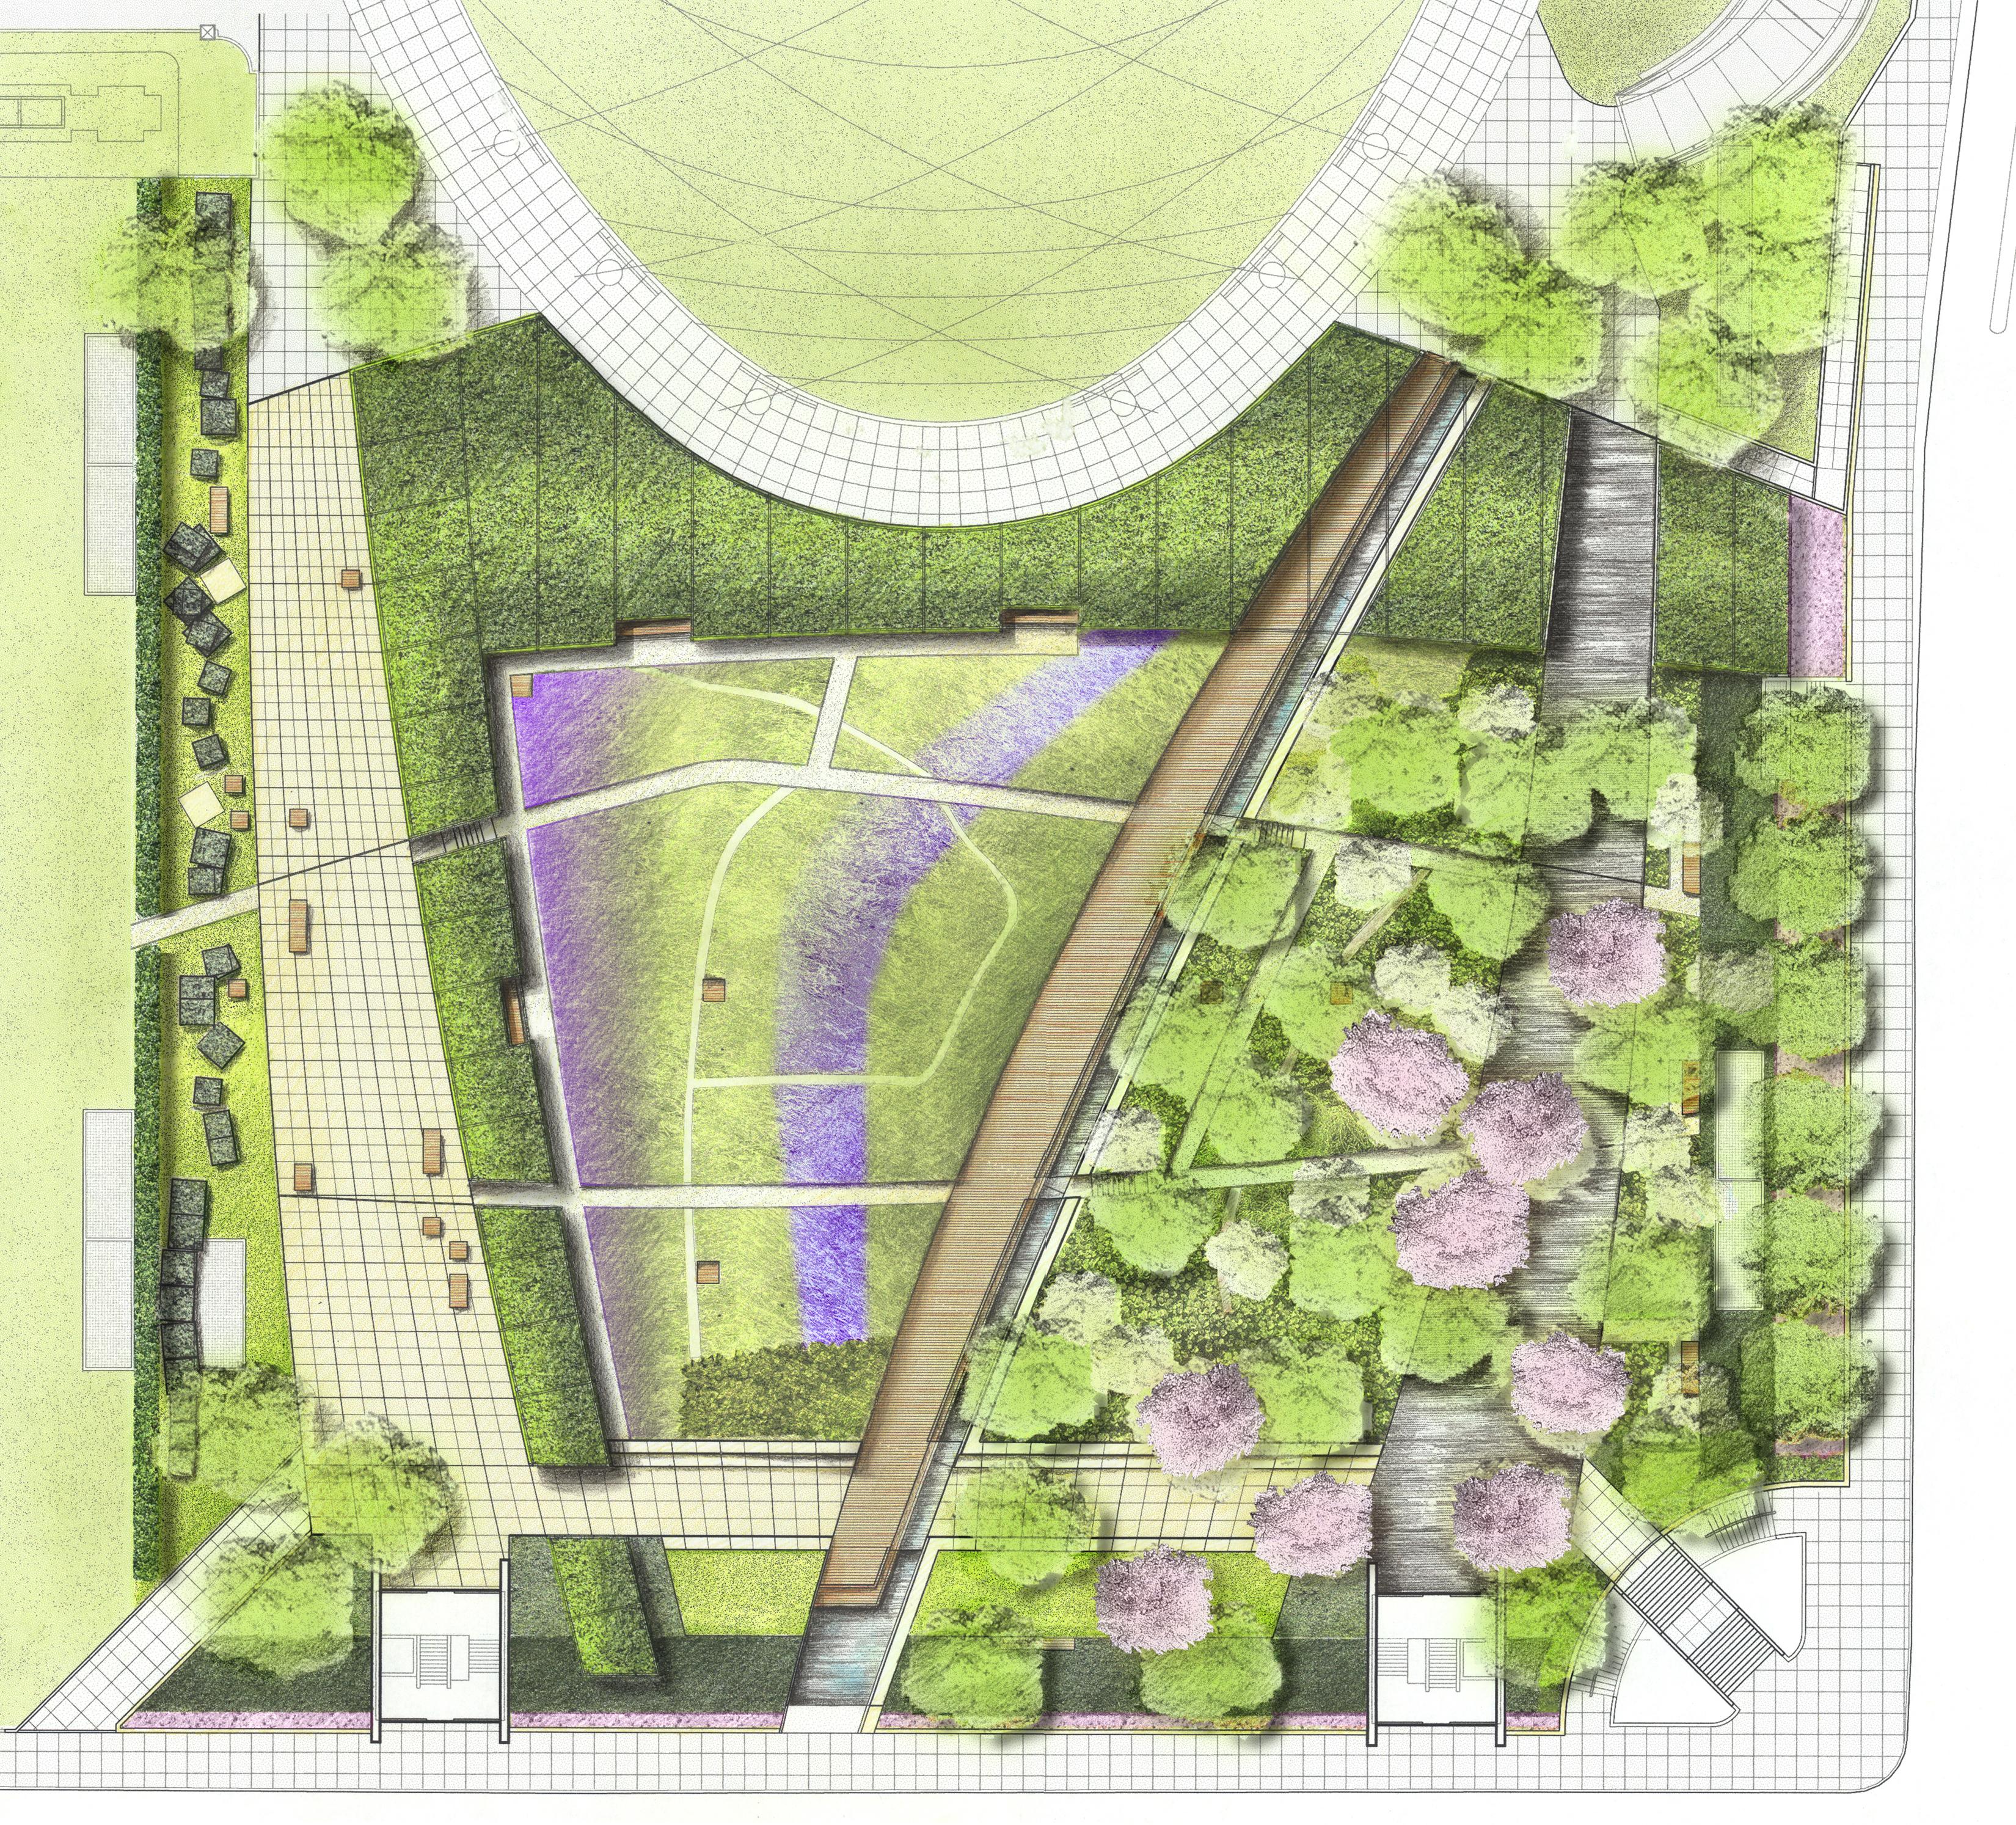 Millennium park the lurie garden landscape voice for Landscape planting plan